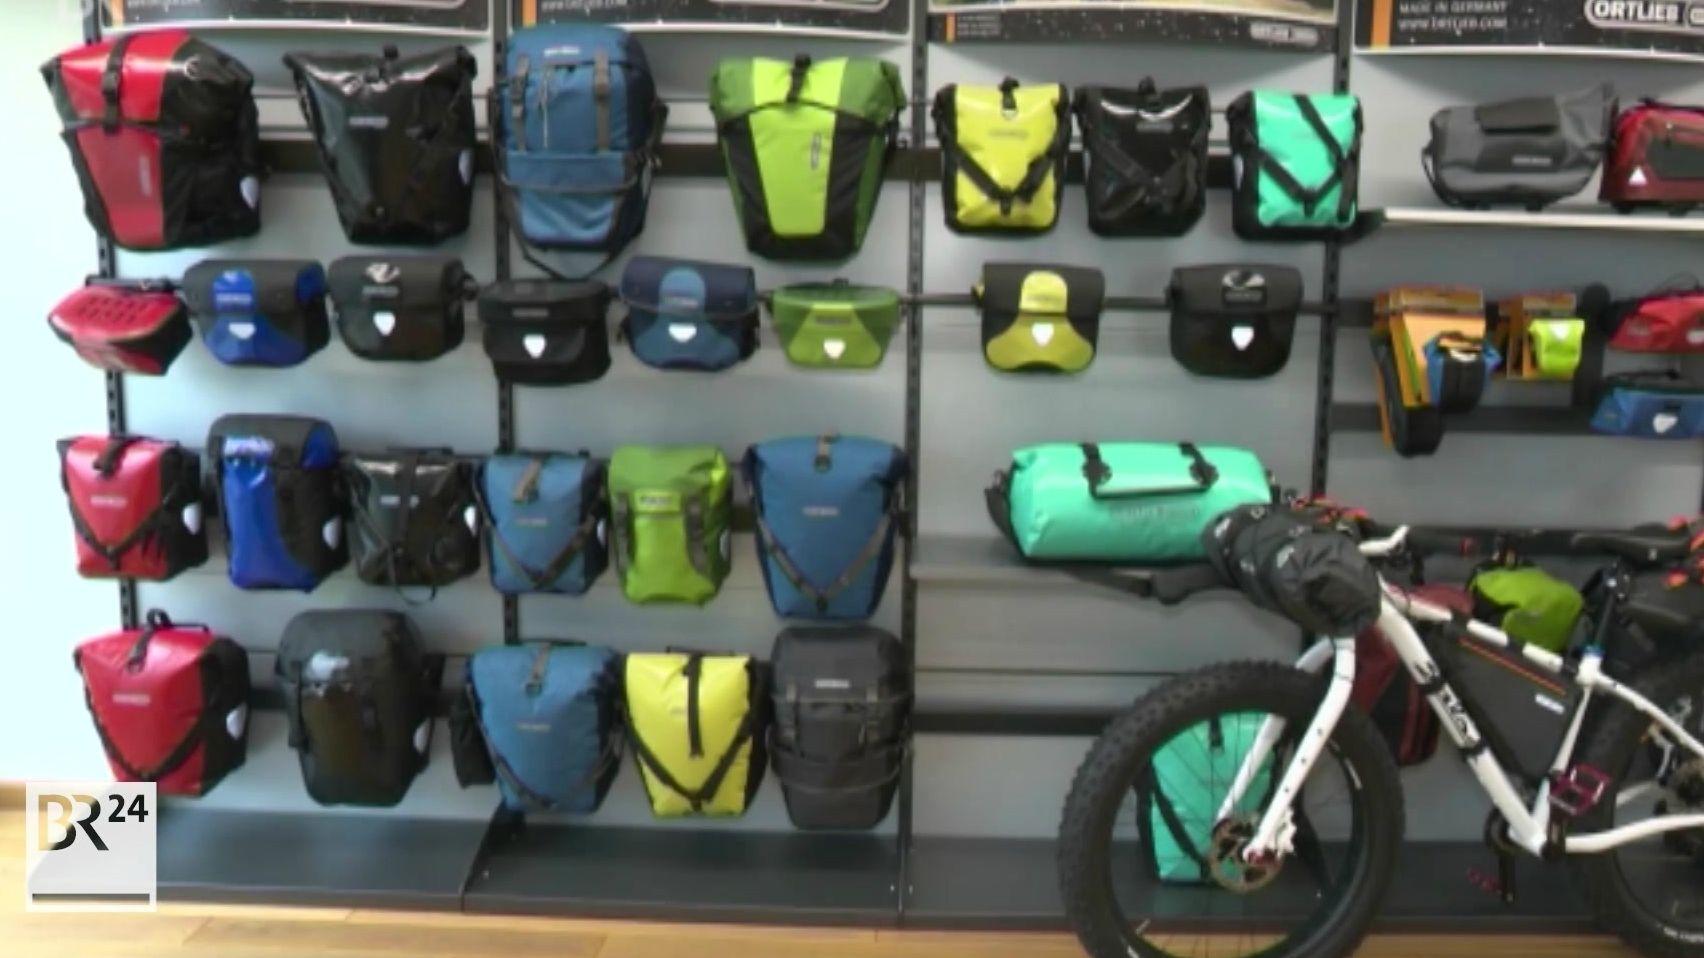 Ortlieb-Taschen in einem Laden